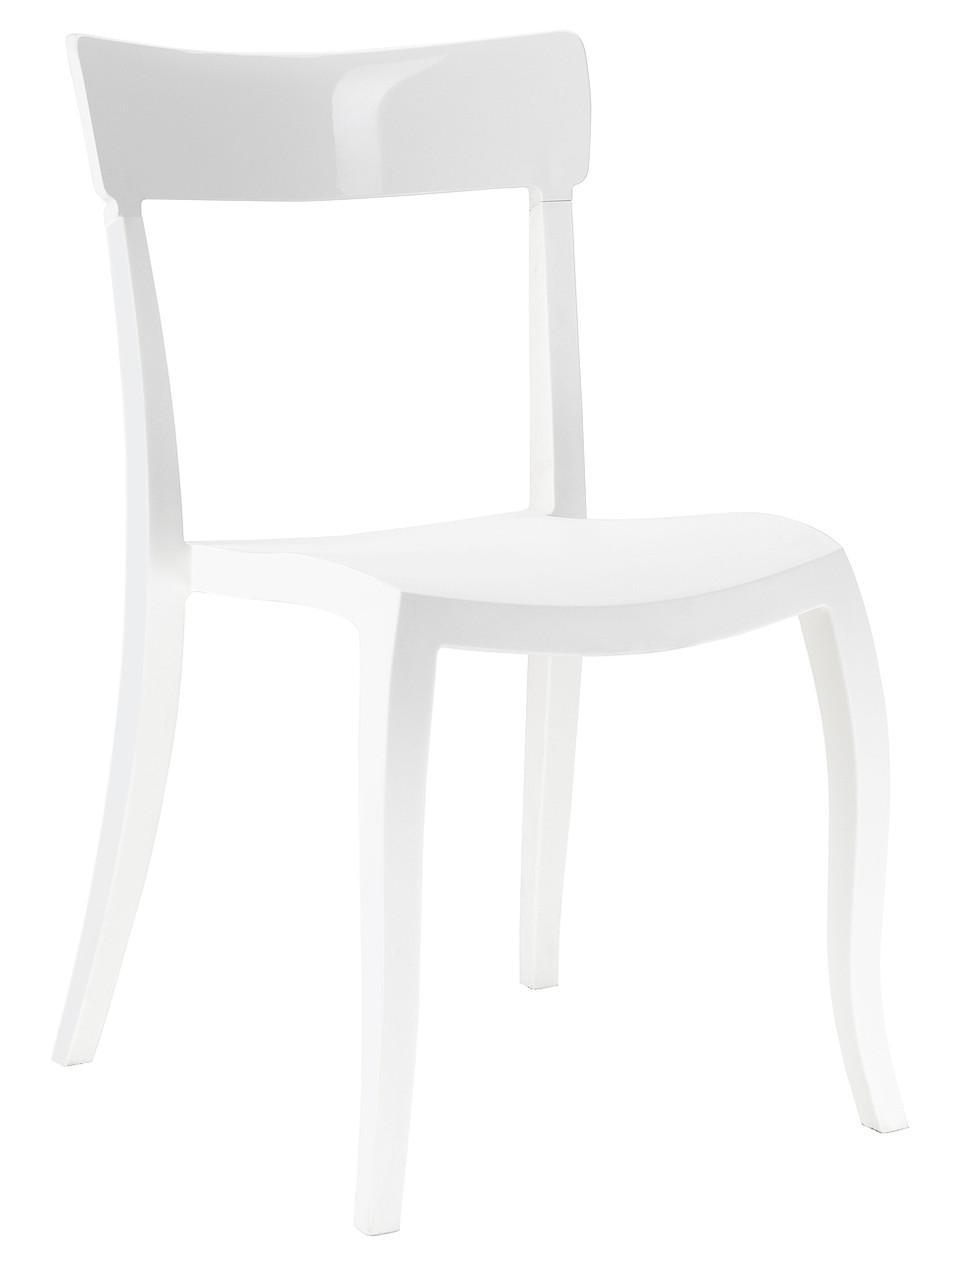 Стілець Hera-S сидіння Біле верх Білий (Papatya-TM)